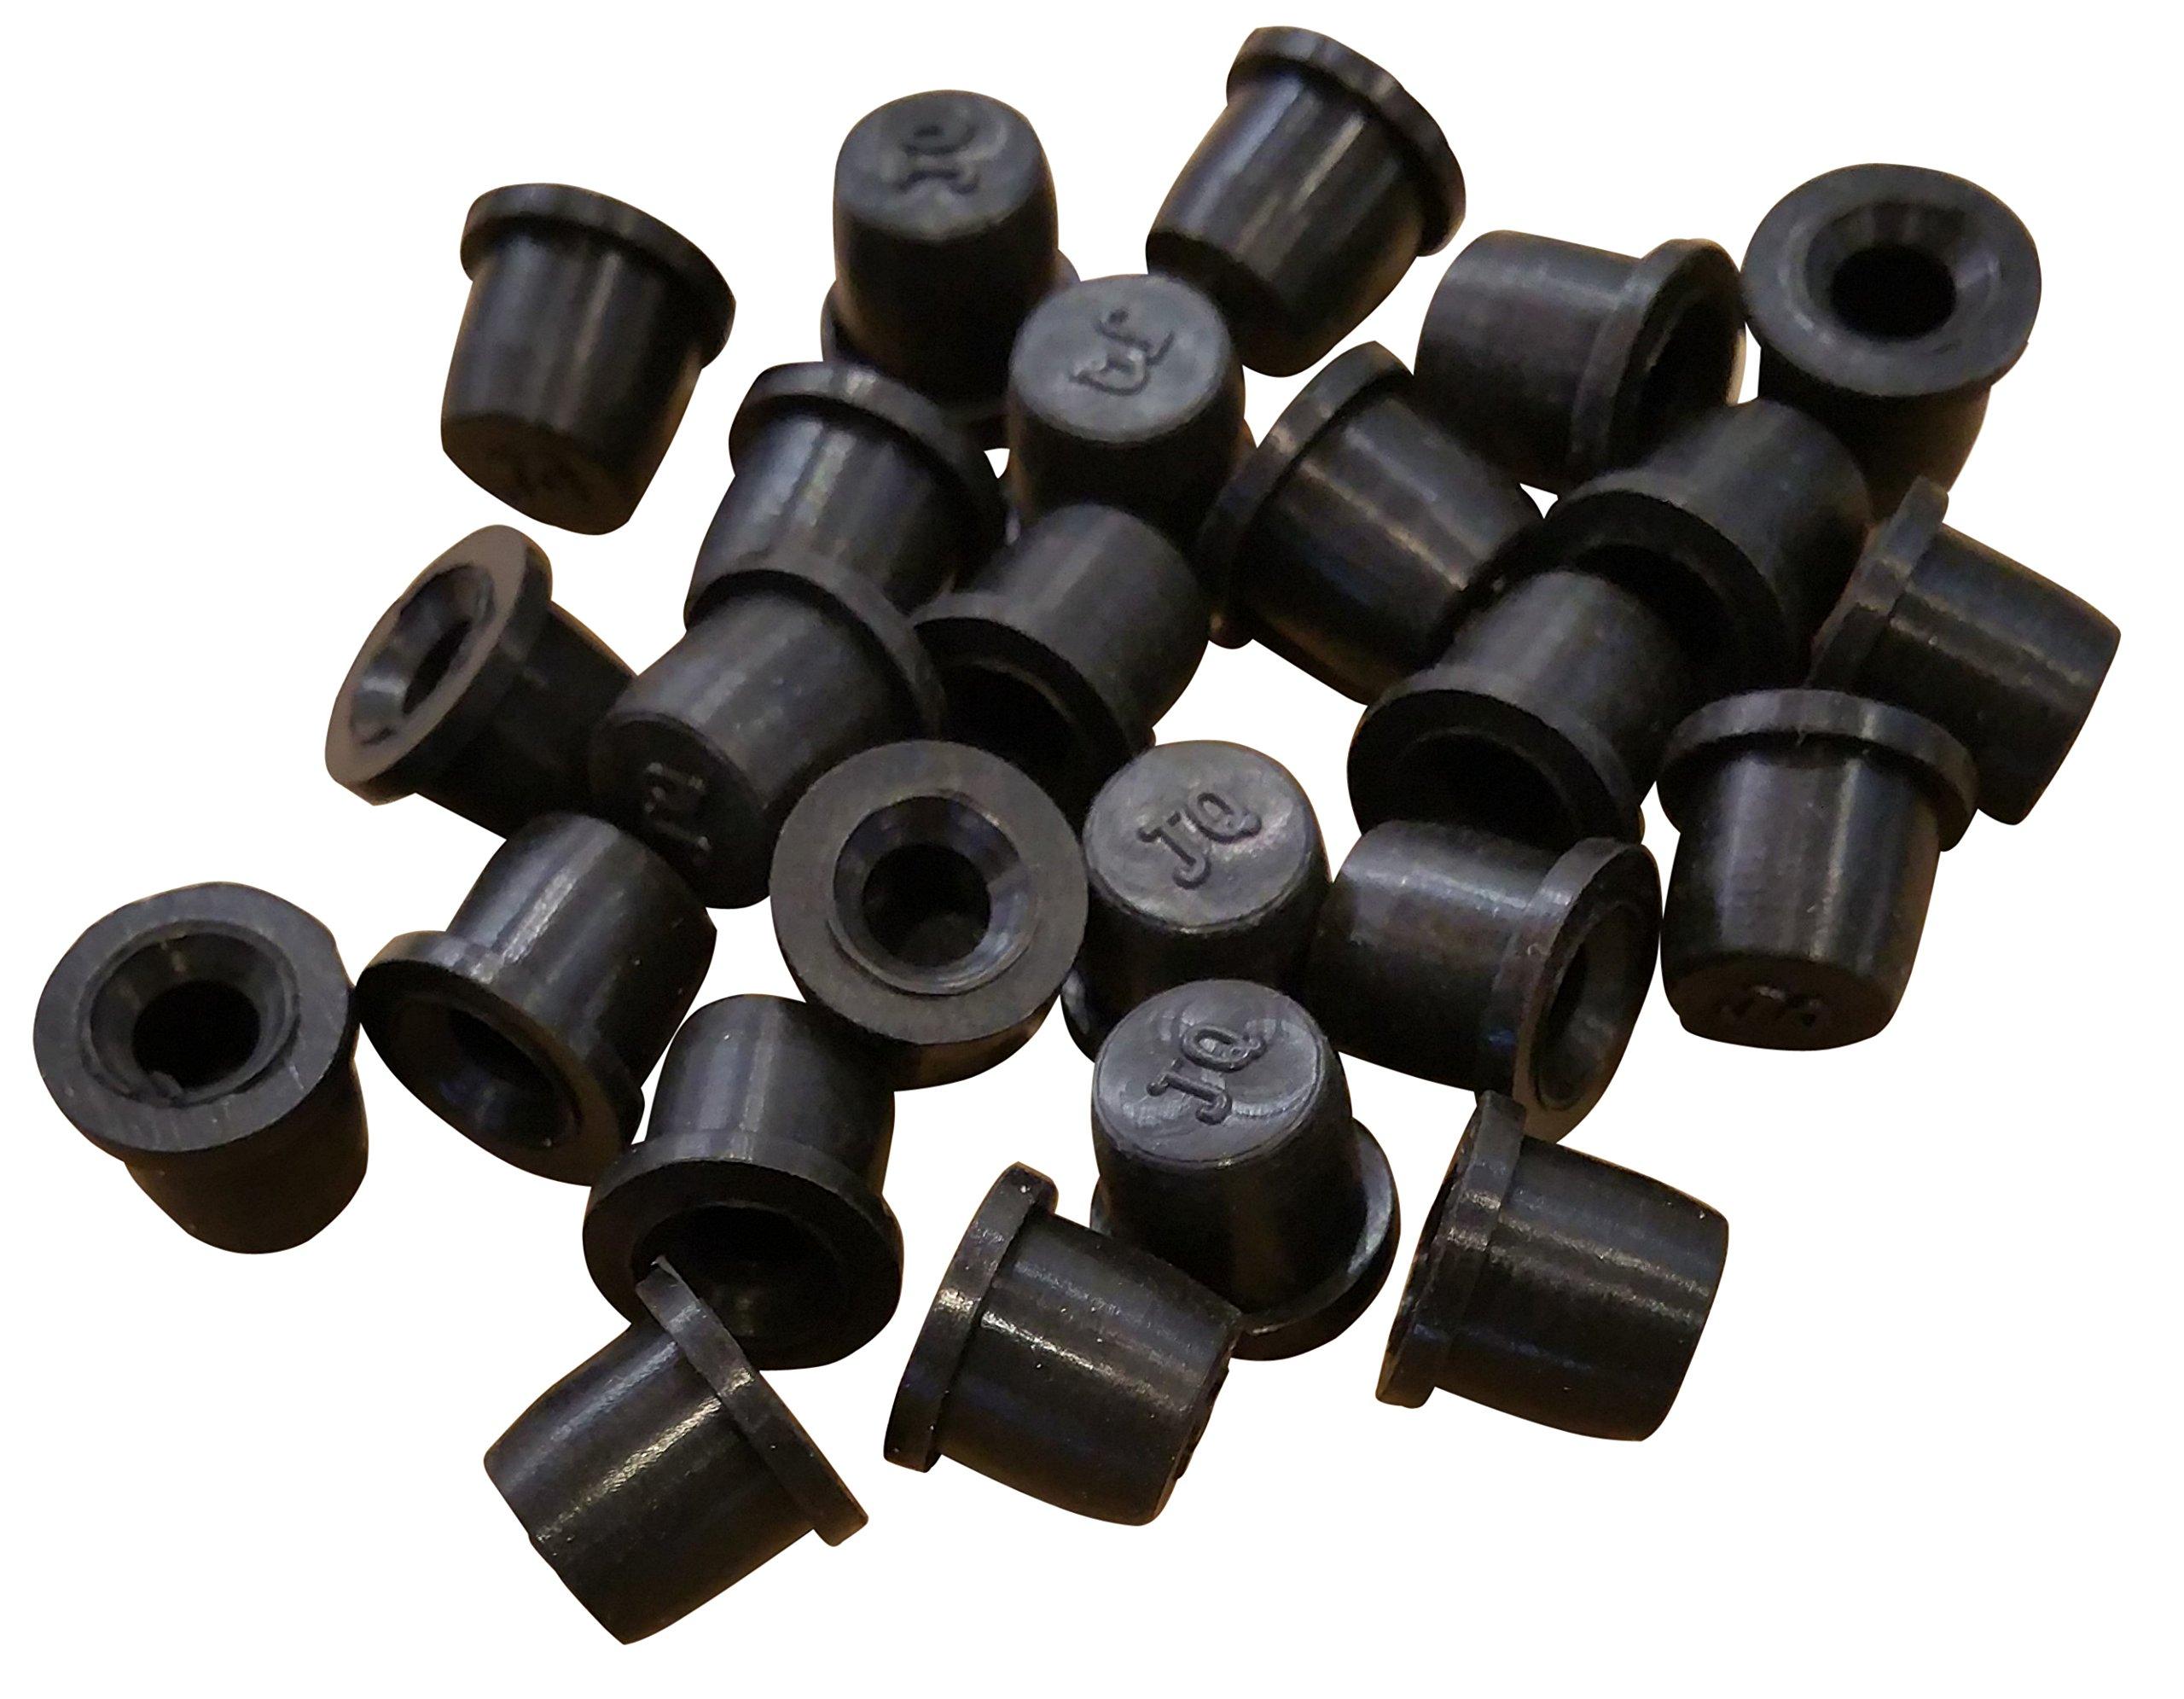 (25 Pack) Brake Bleeder Screw Caps Grease Zerk Fitting Cap Rubber Dust Cover